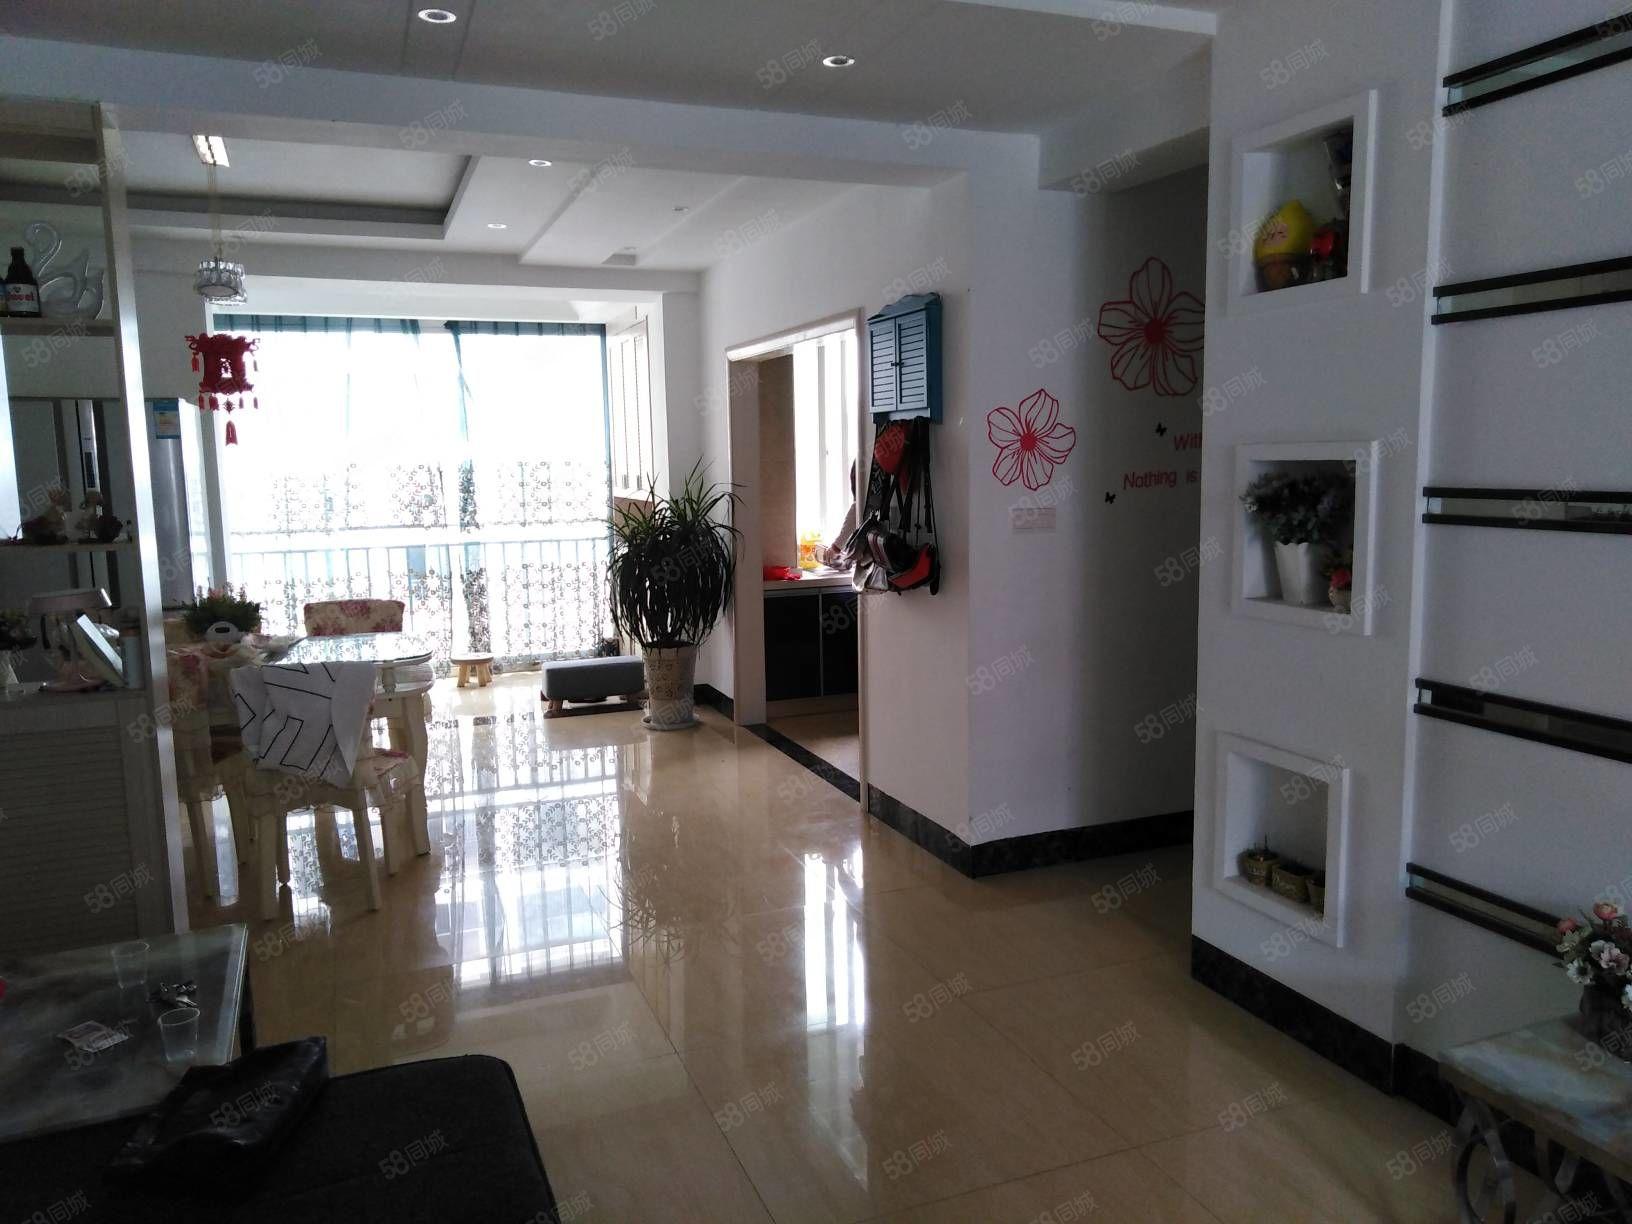 榮御天下好房來襲精裝房四室兩廳兩衛146平米超值價只要58萬